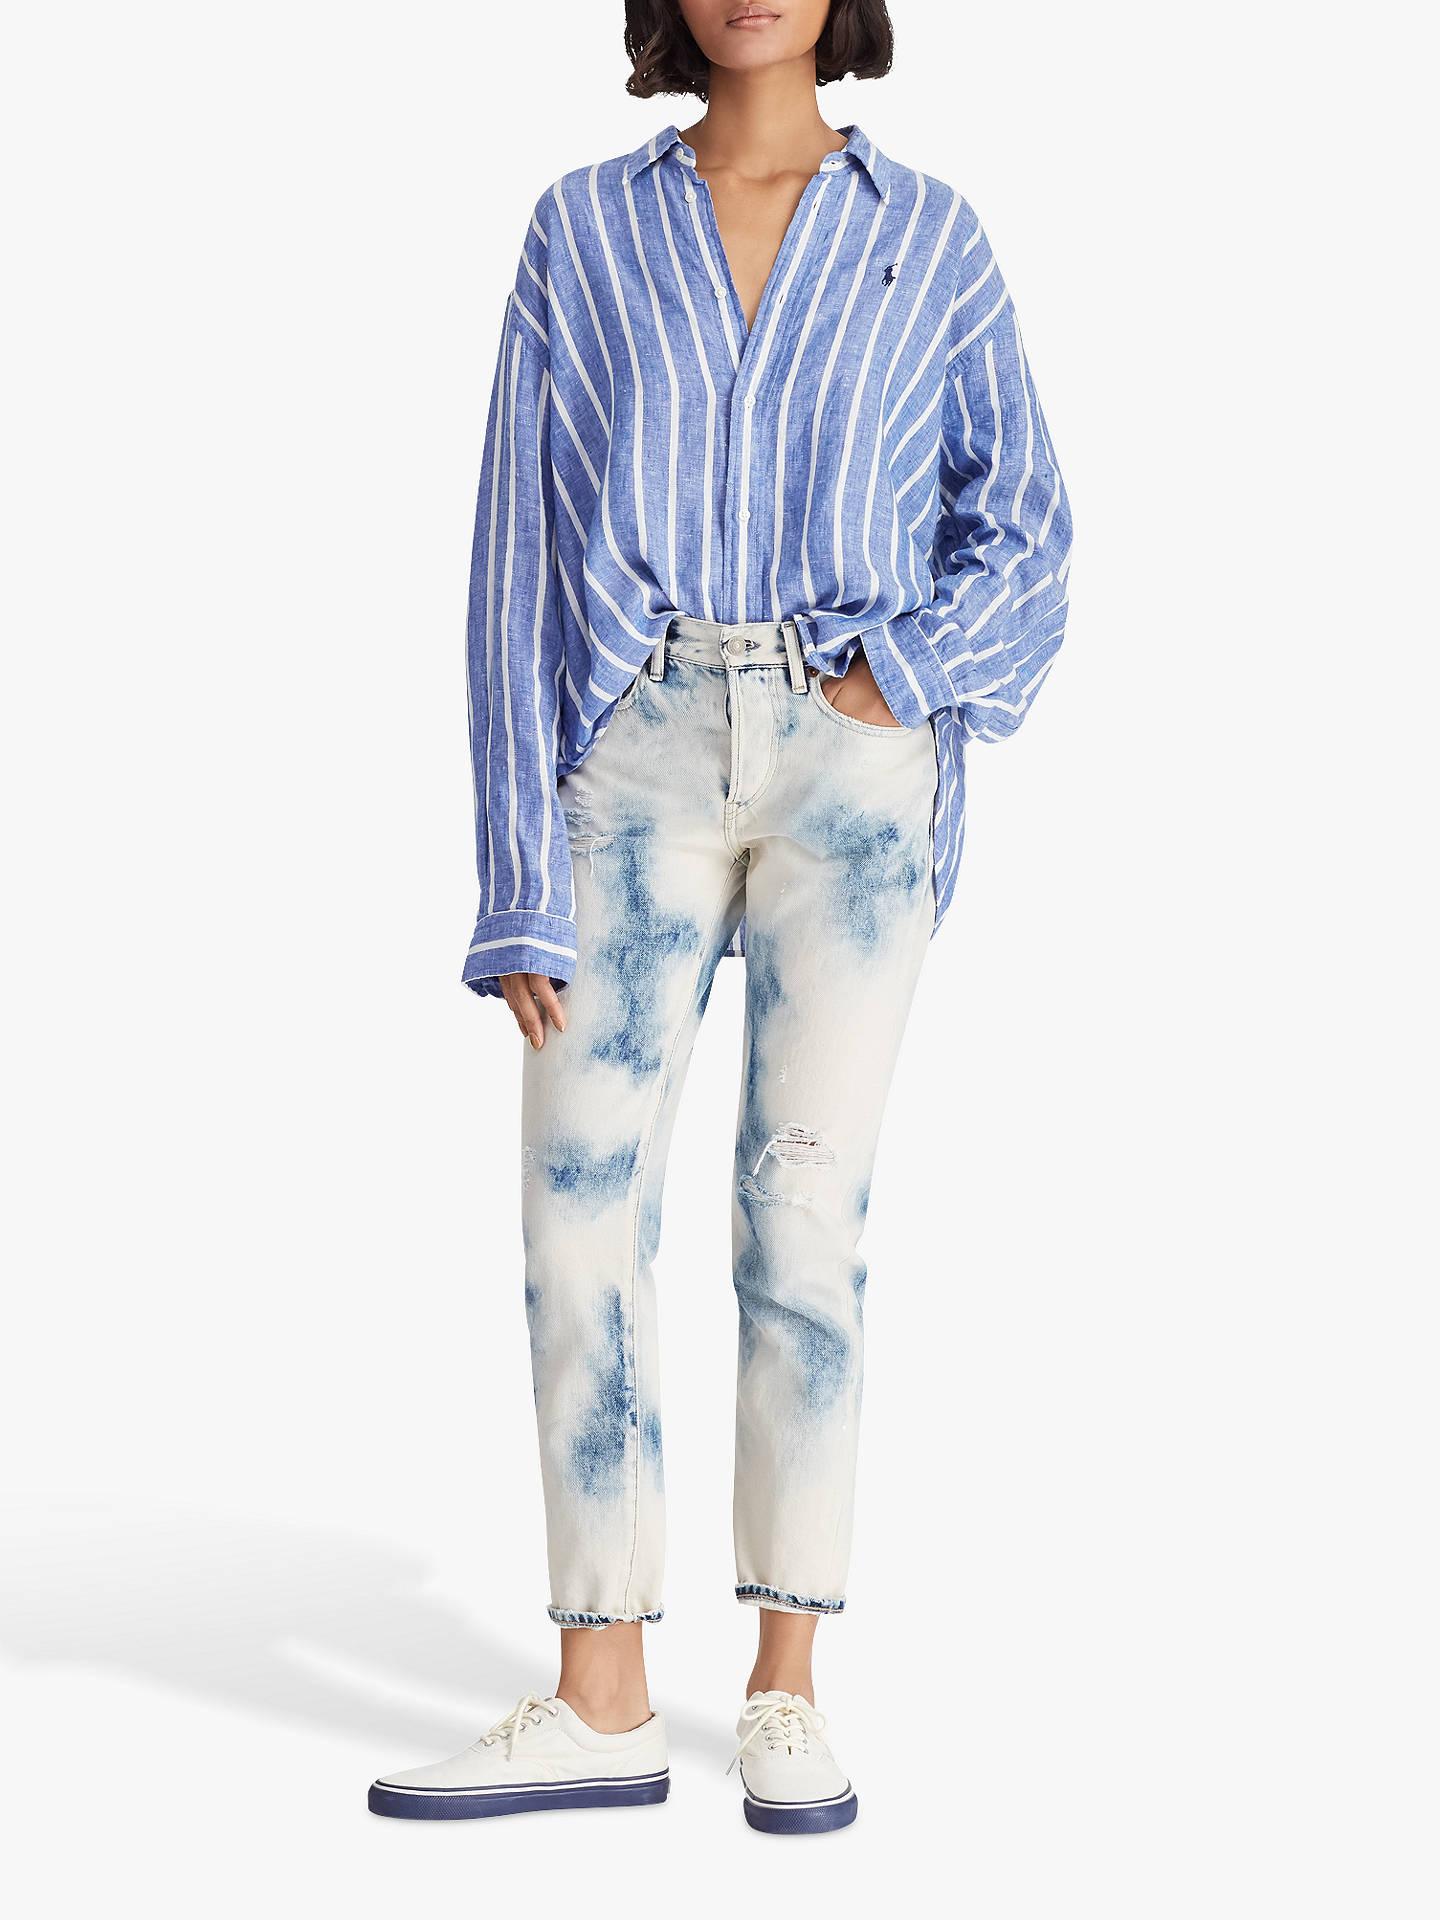 eb57f8fe8db ... Buy Polo Ralph Lauren Wide Stripe Cropped Linen Oxford Shirt,  Royal/White, XS